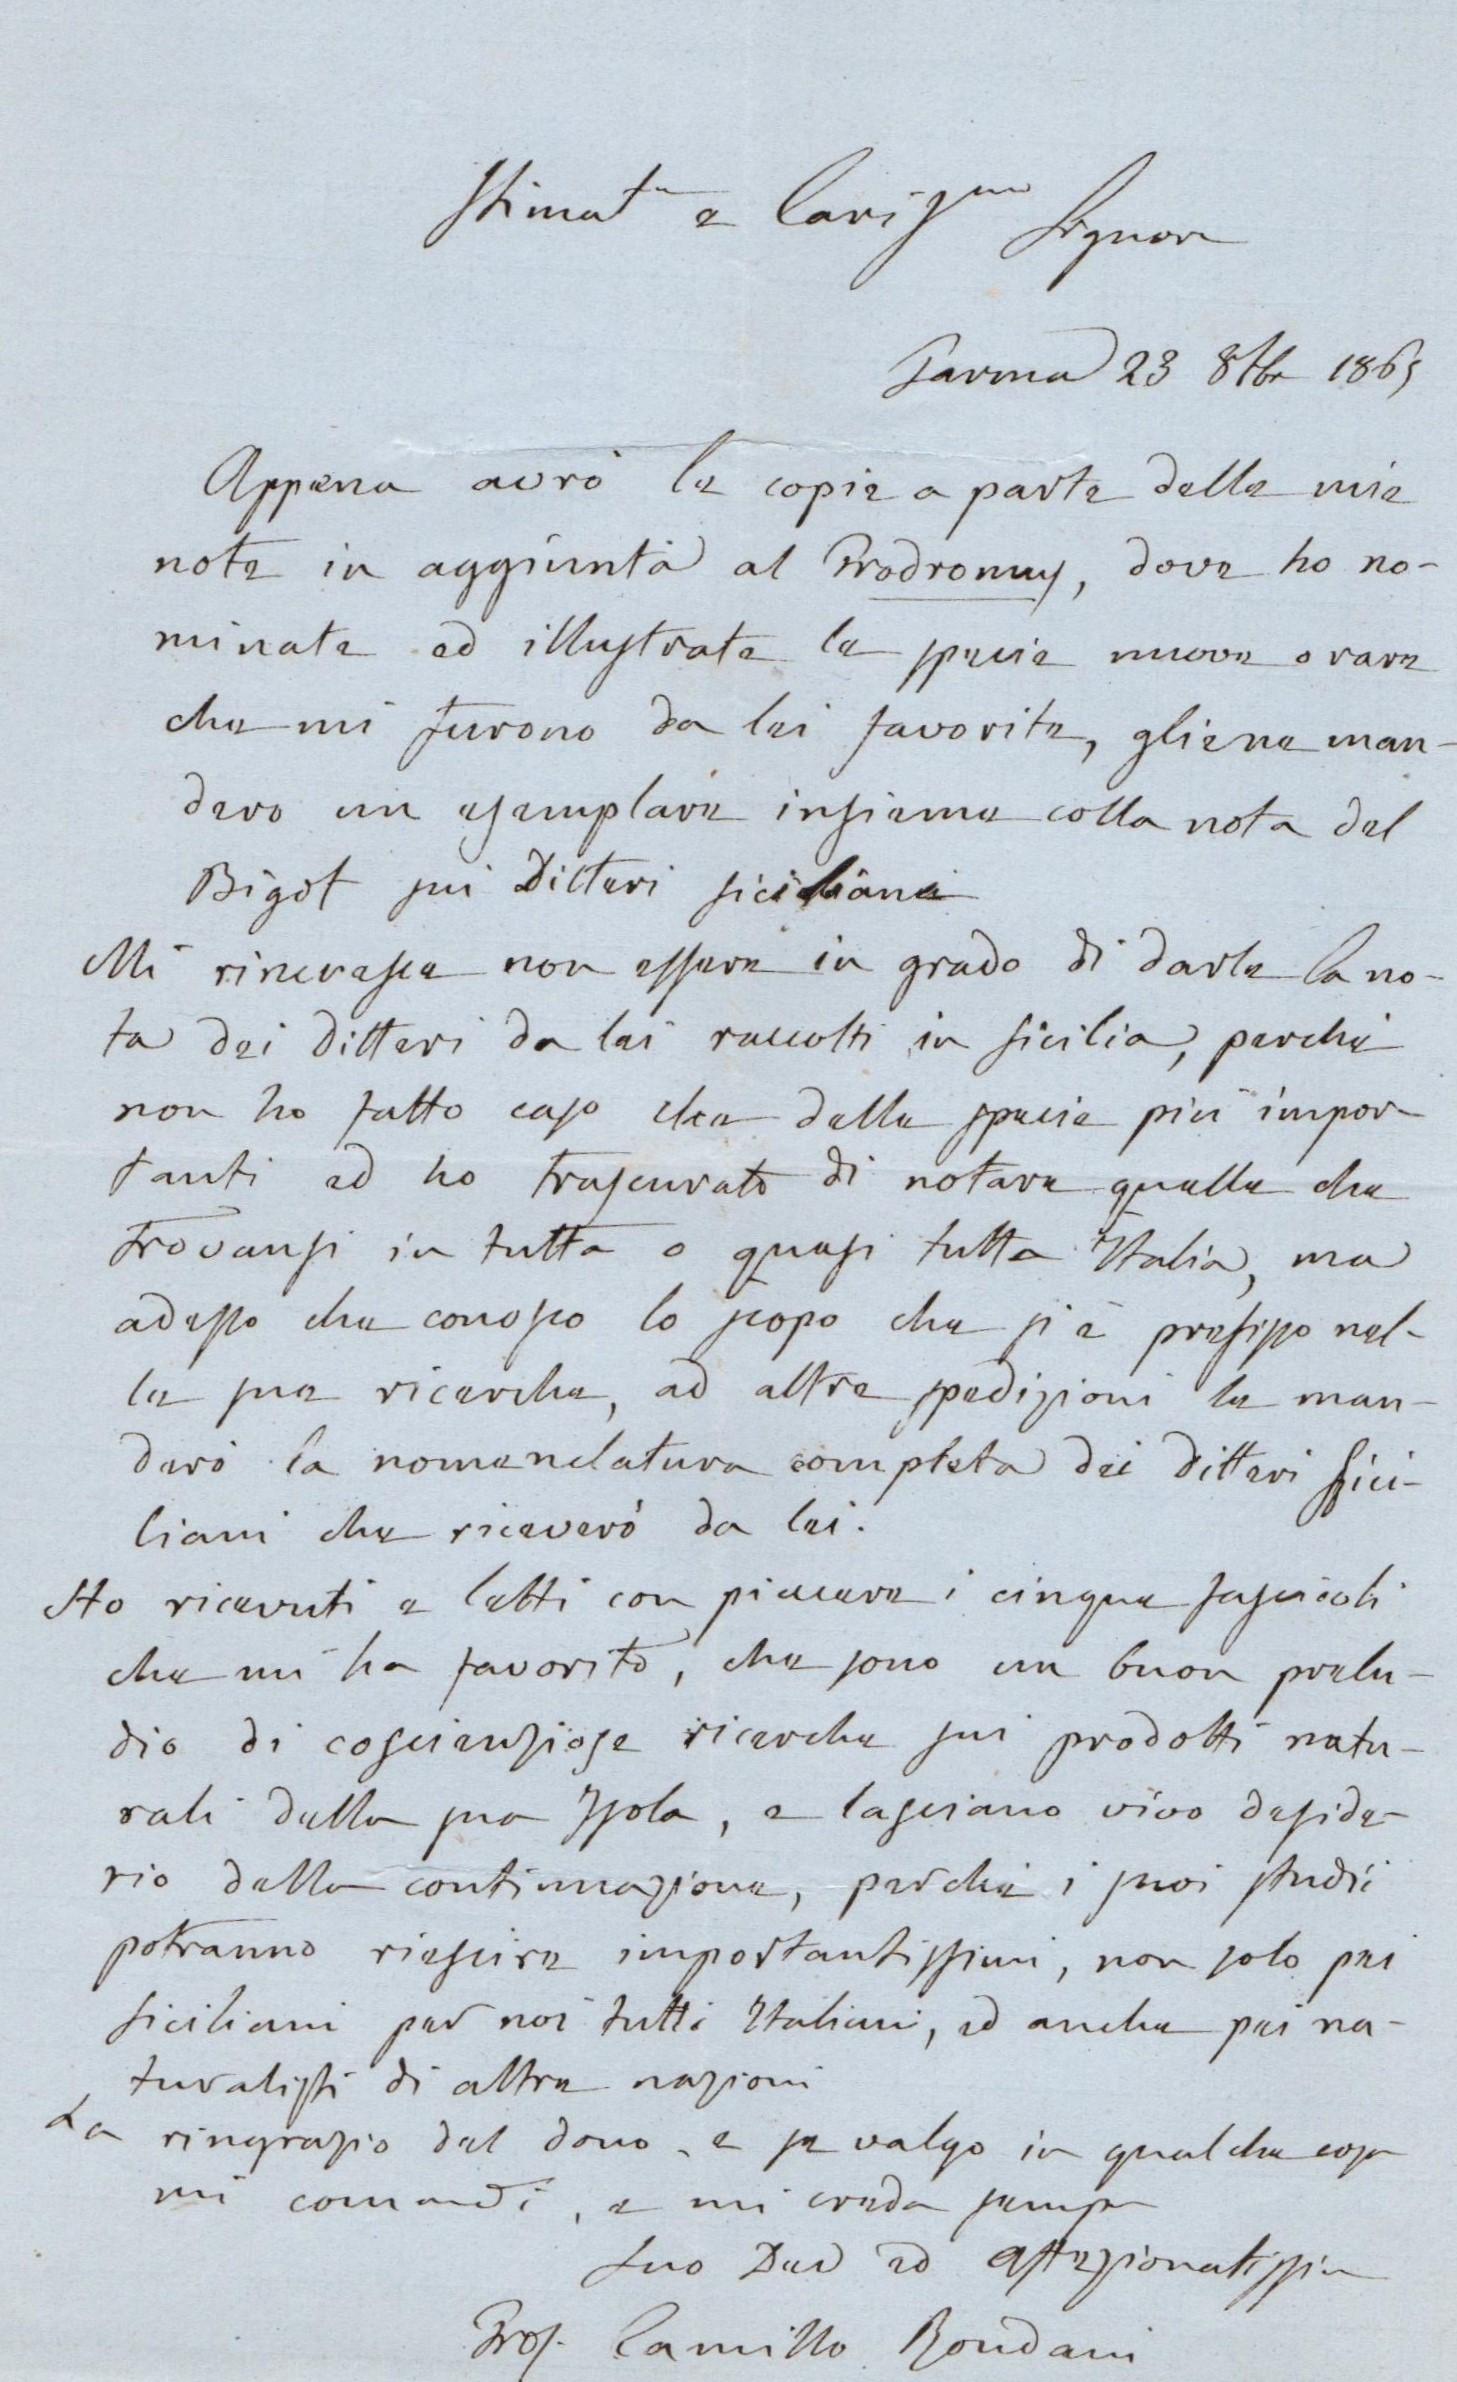 lettera di camillo rondani al Minà in cui si scusa per non aver ancora identificato alcune specie di Ditteri ricevuti.